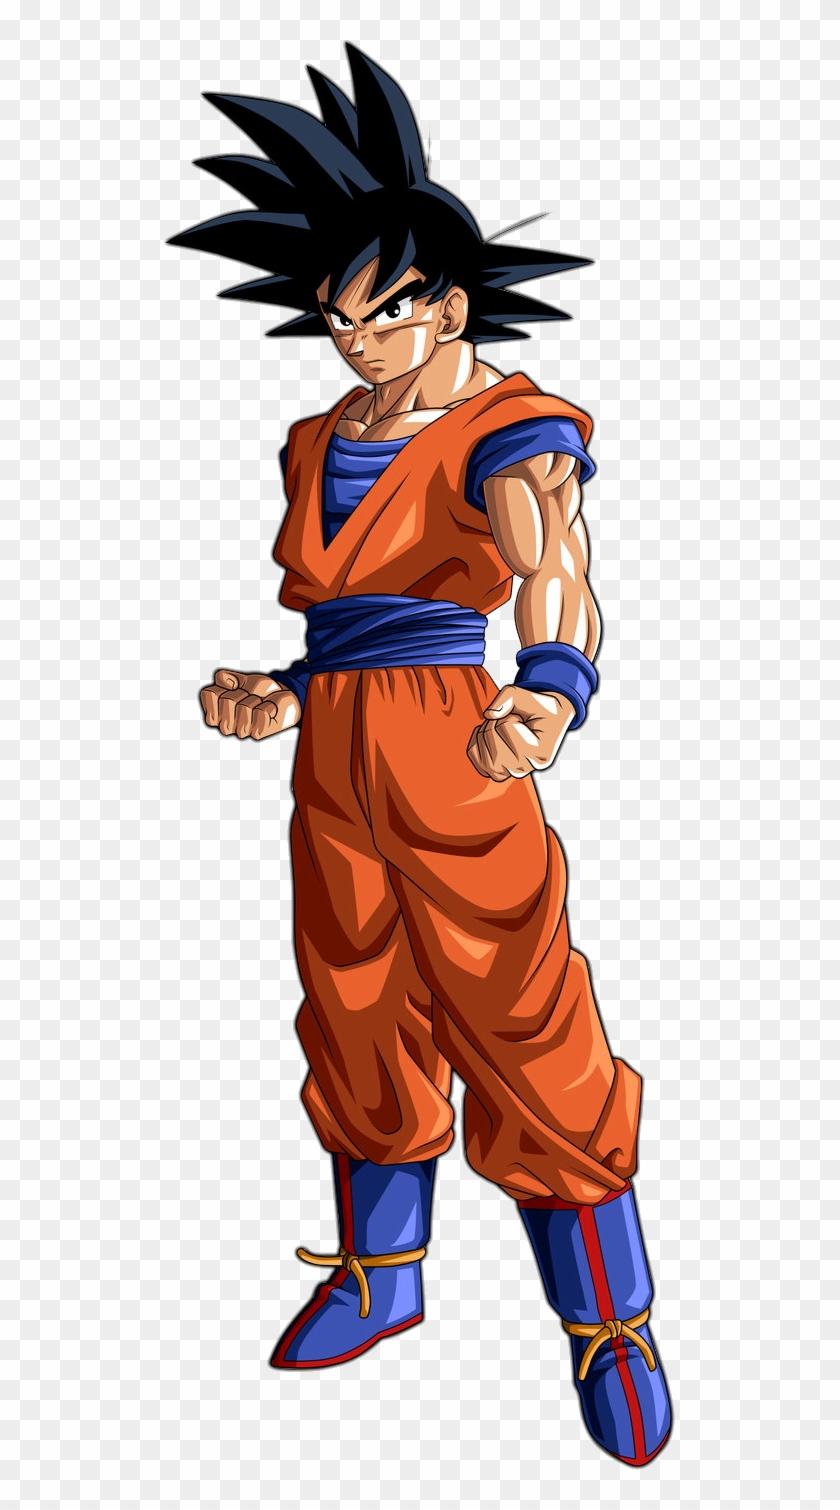 Goku Png.